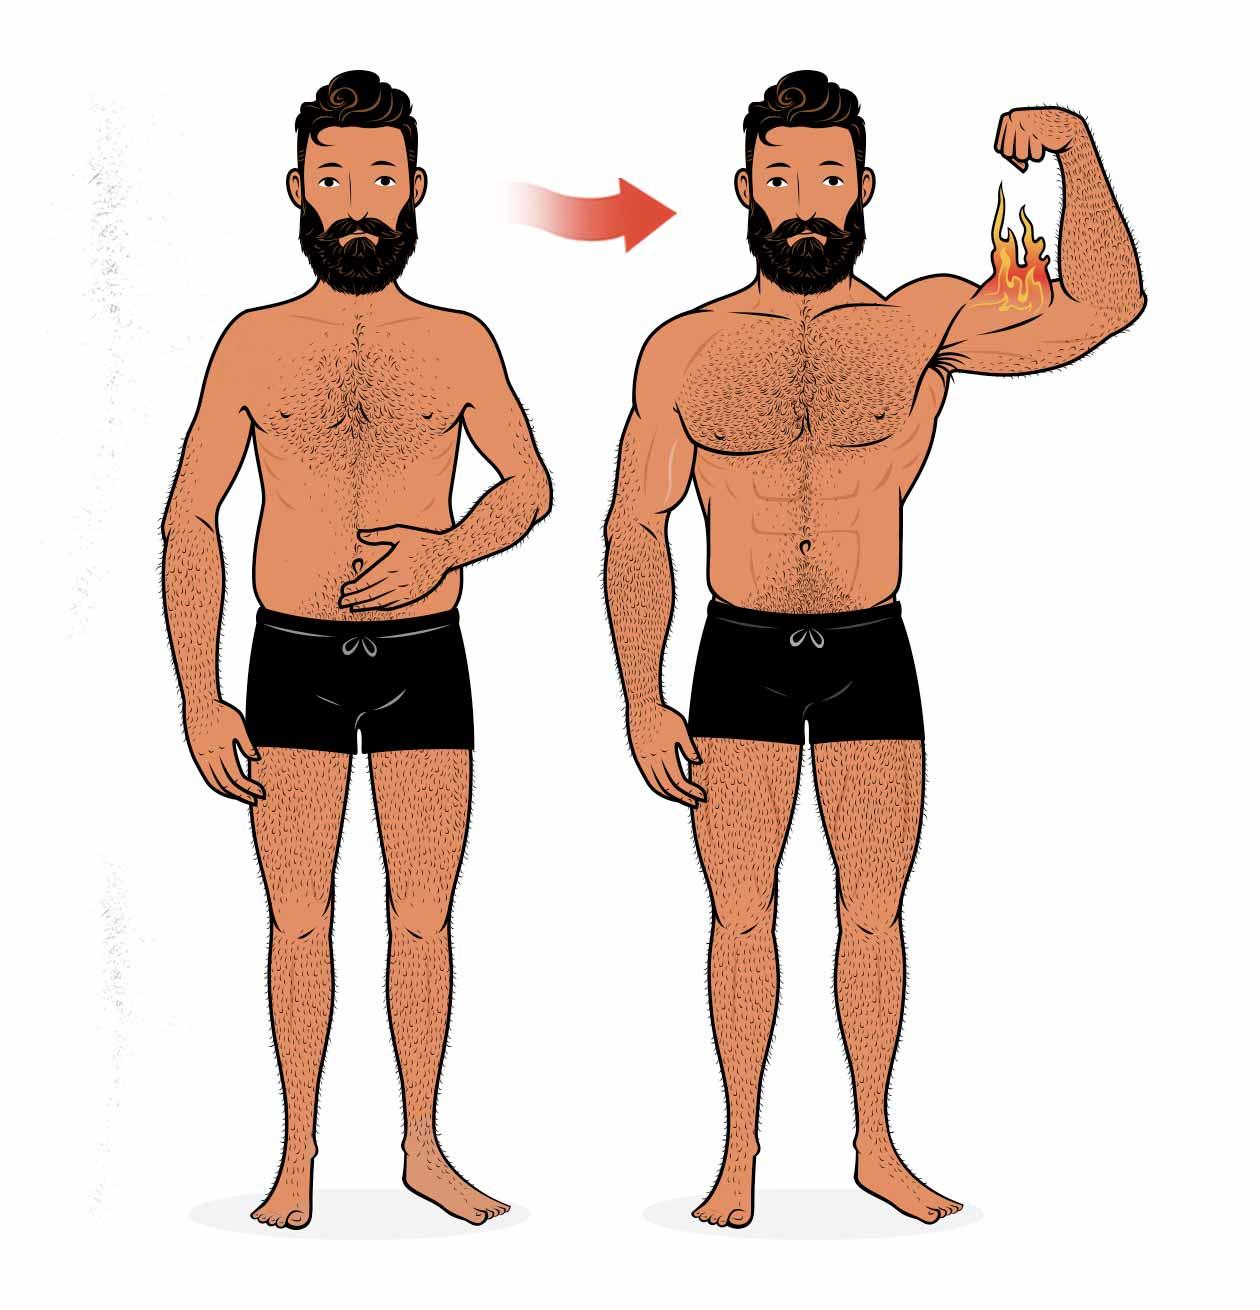 Ilustración mostrando a un hombre ganando músculo.